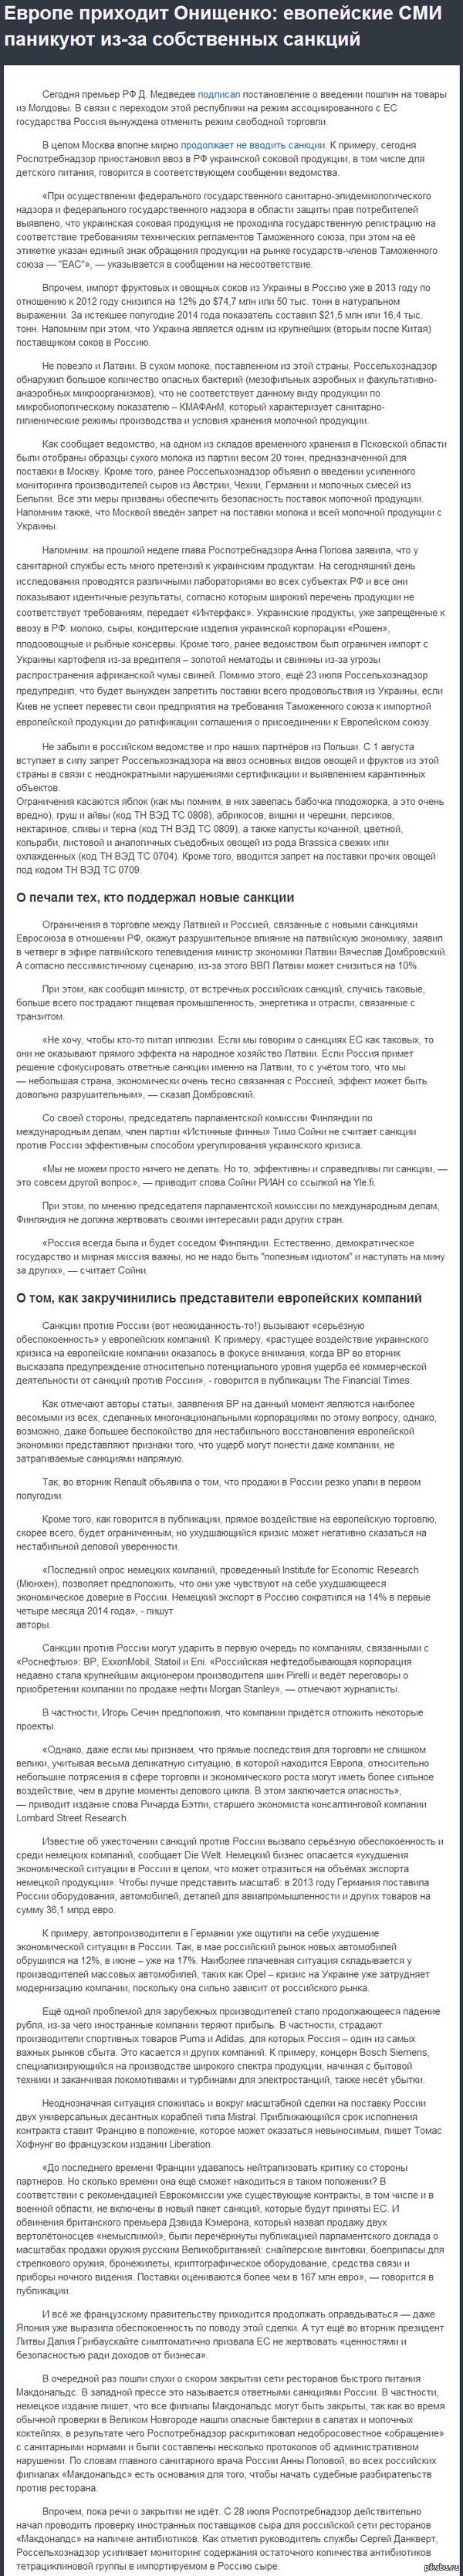 Европе приходит Онищенко: евопейские СМИ паникуют из-за собственных санкций